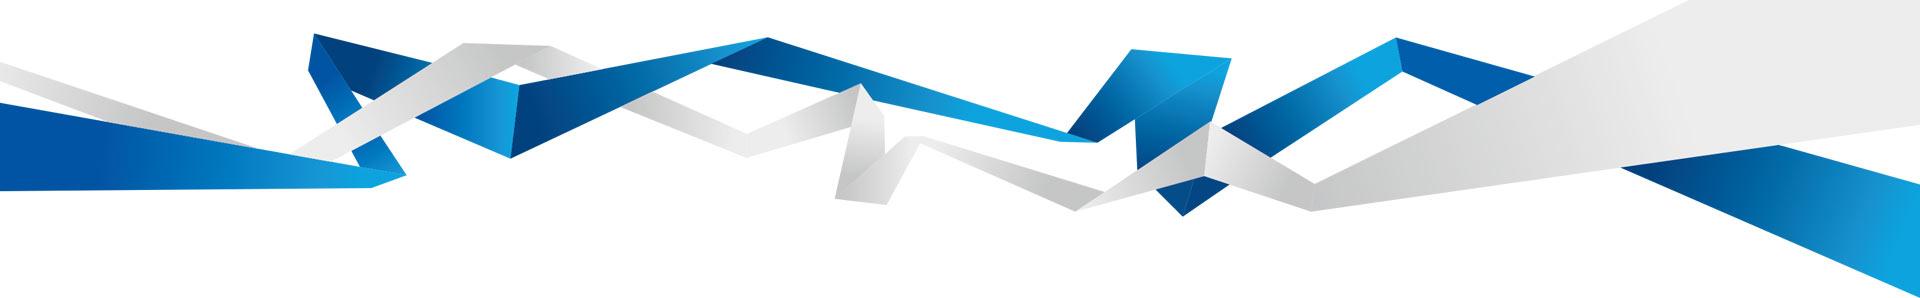 Разработка-логотипа-и-паттерна-Ярбс